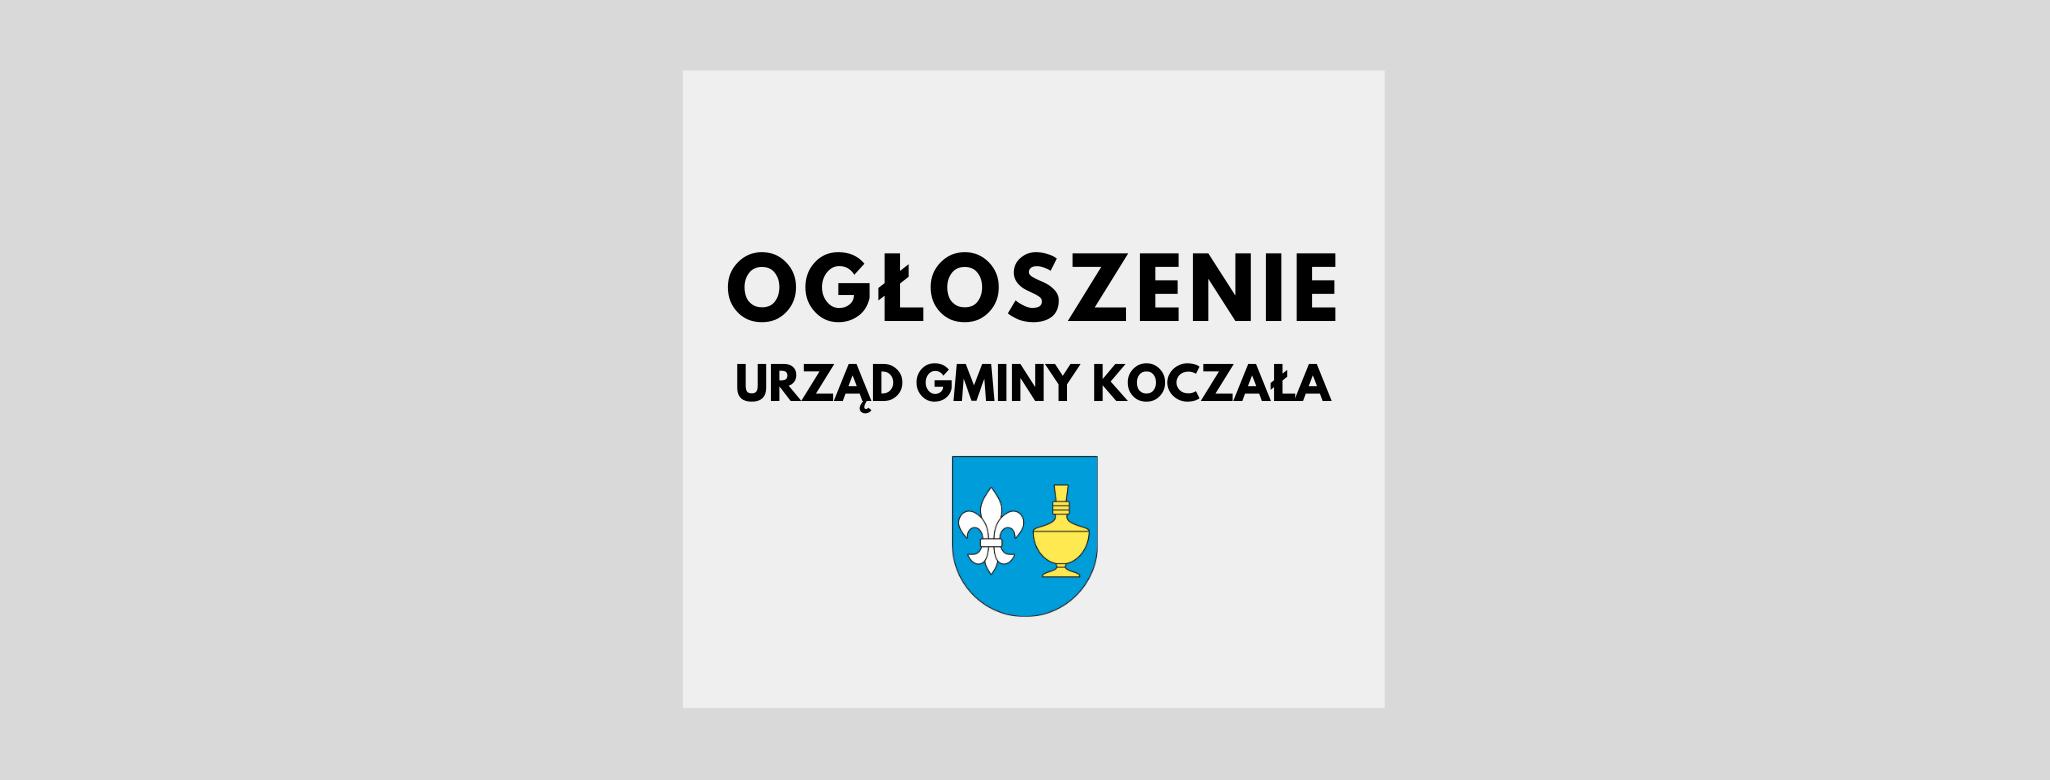 nagłówek graficzny ogłoszenie Urzędu Gminy Koczała